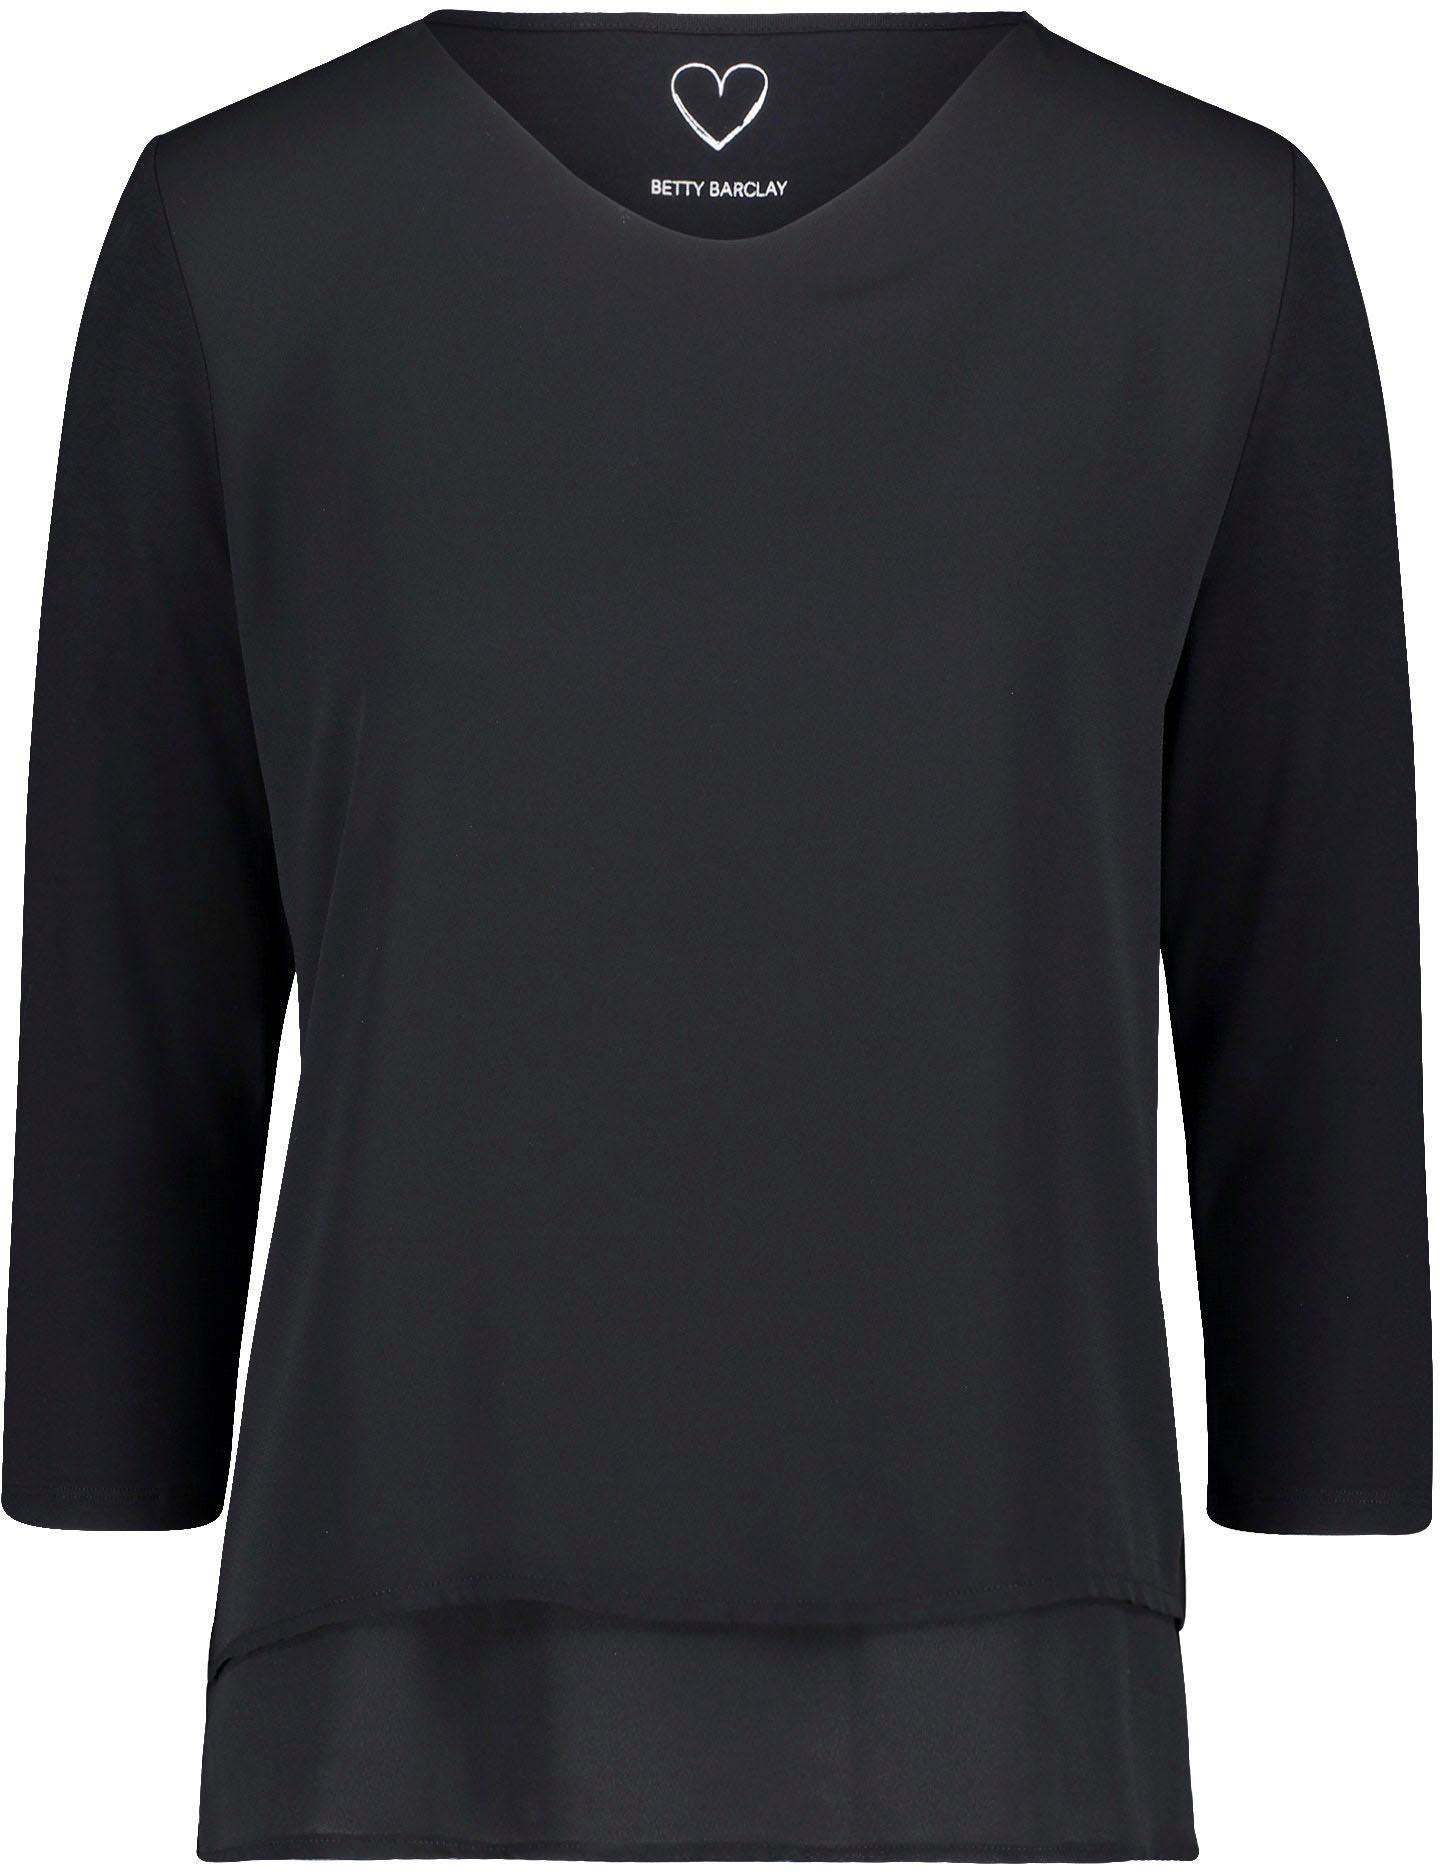 Heine Long Bluse Shirt Gr Vokuhila weich fallend 085 42-44 Rot mit Spitze